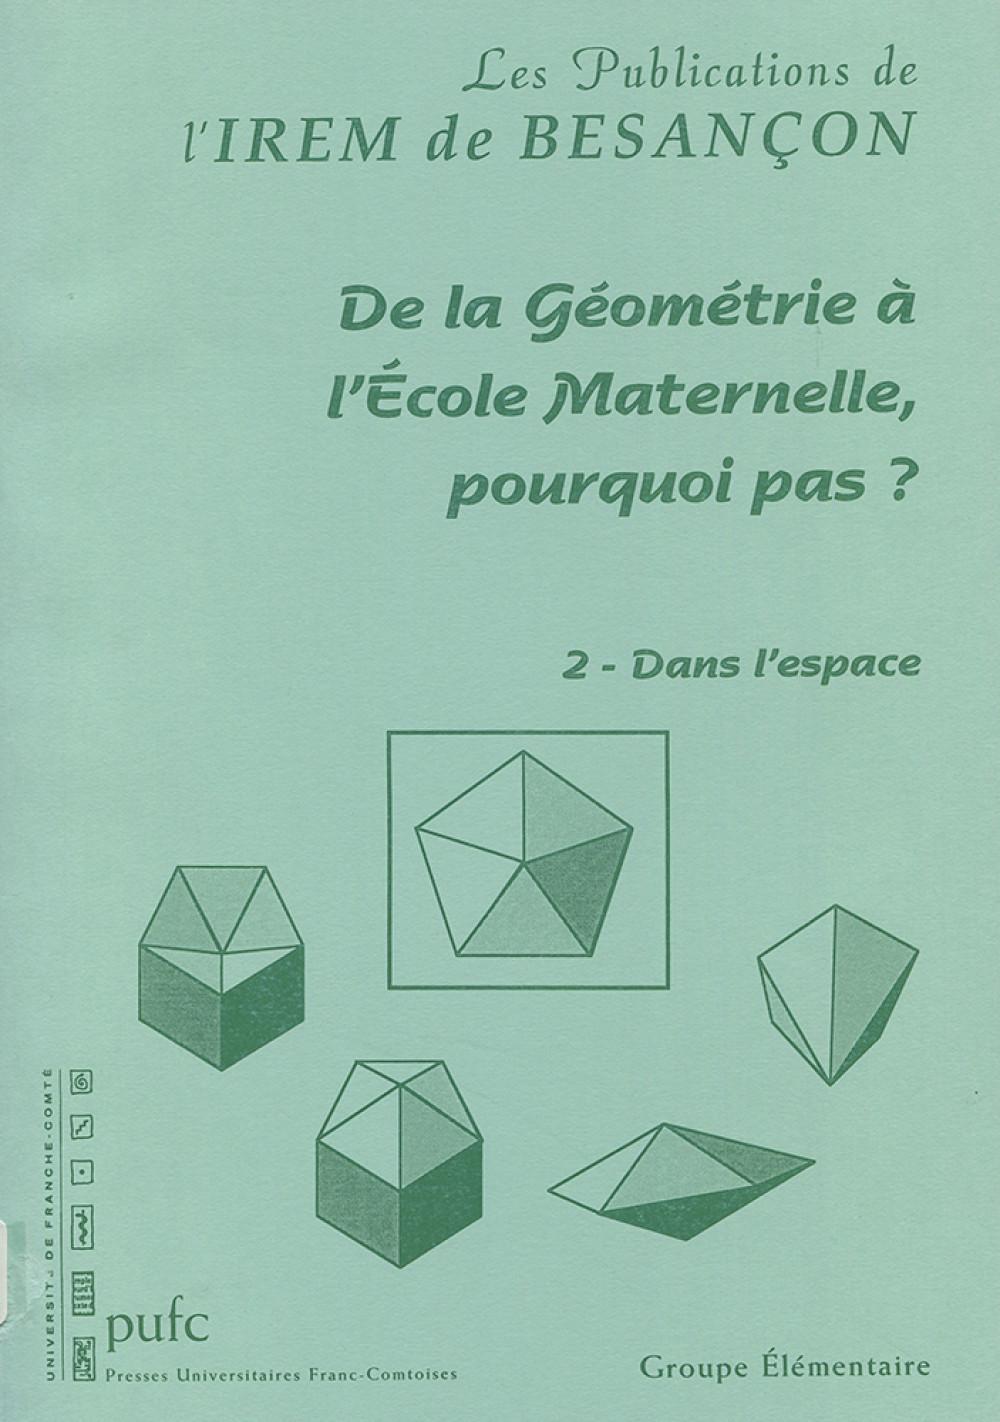 De la Géométrie à l'École Maternelle, pourquoi pas ? 2 : Dans l'espace